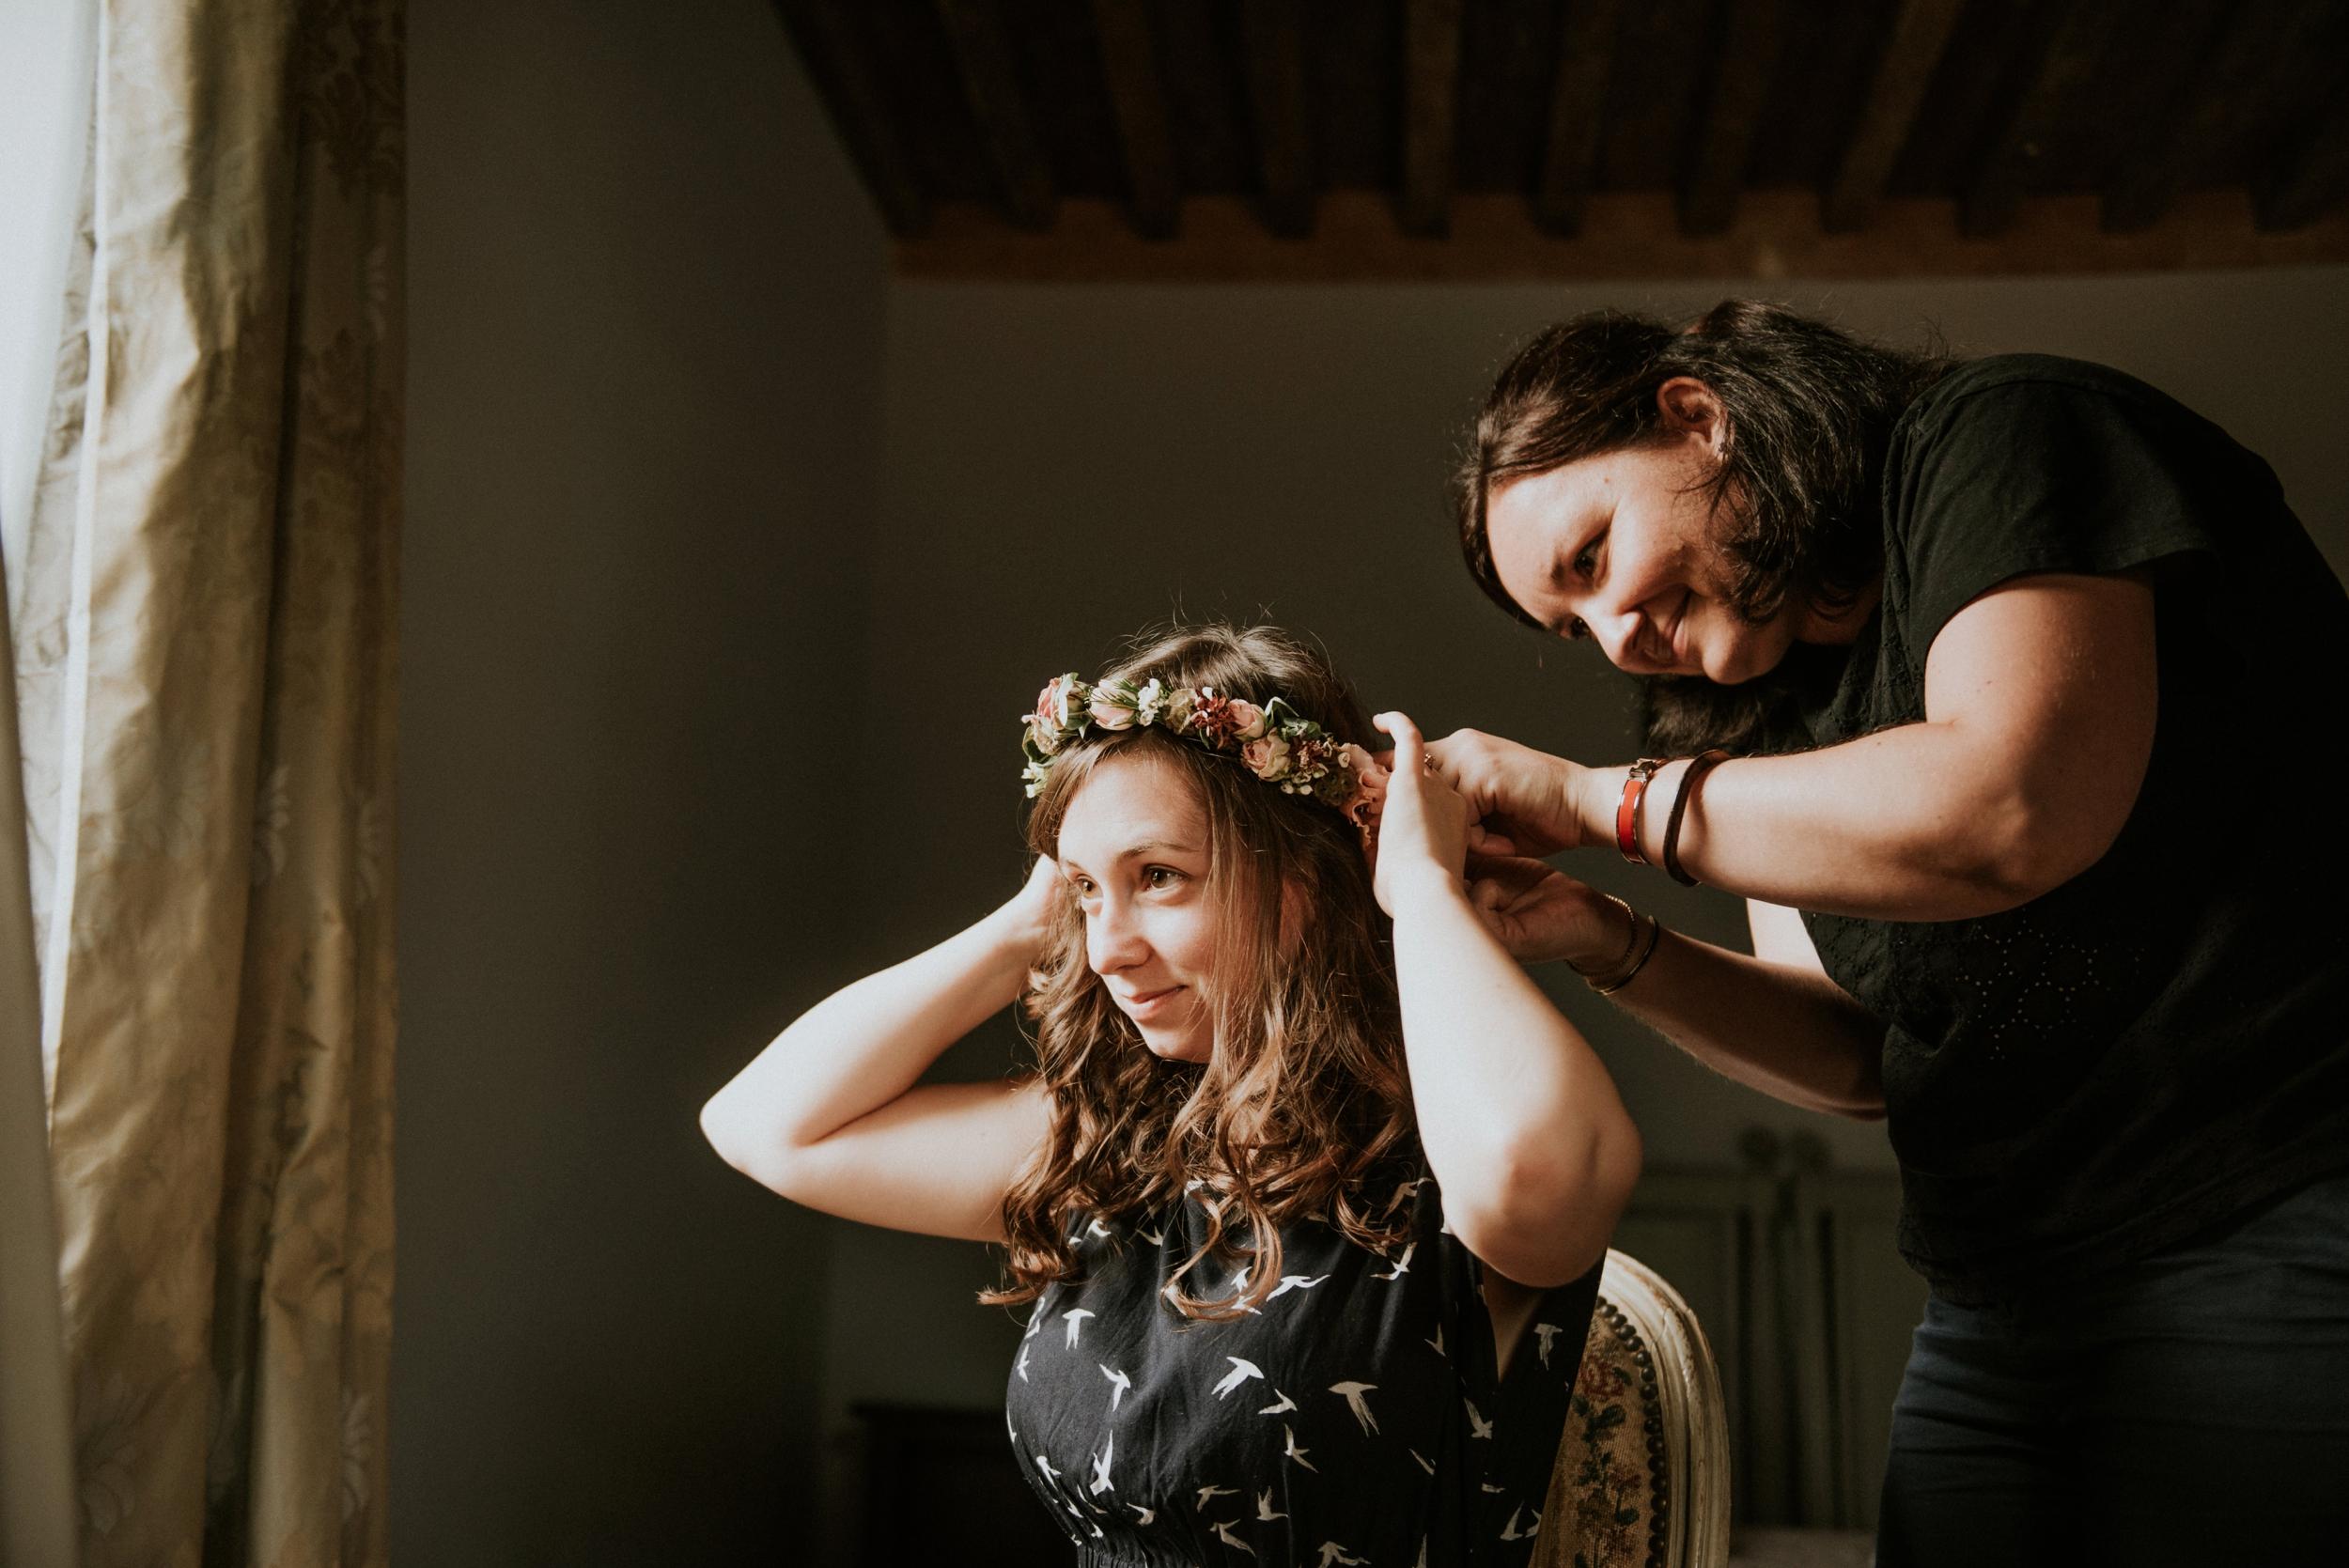 photographe mariage rhone alpes grenoble lyon annecy geneve montagne ceremonie laique_0001